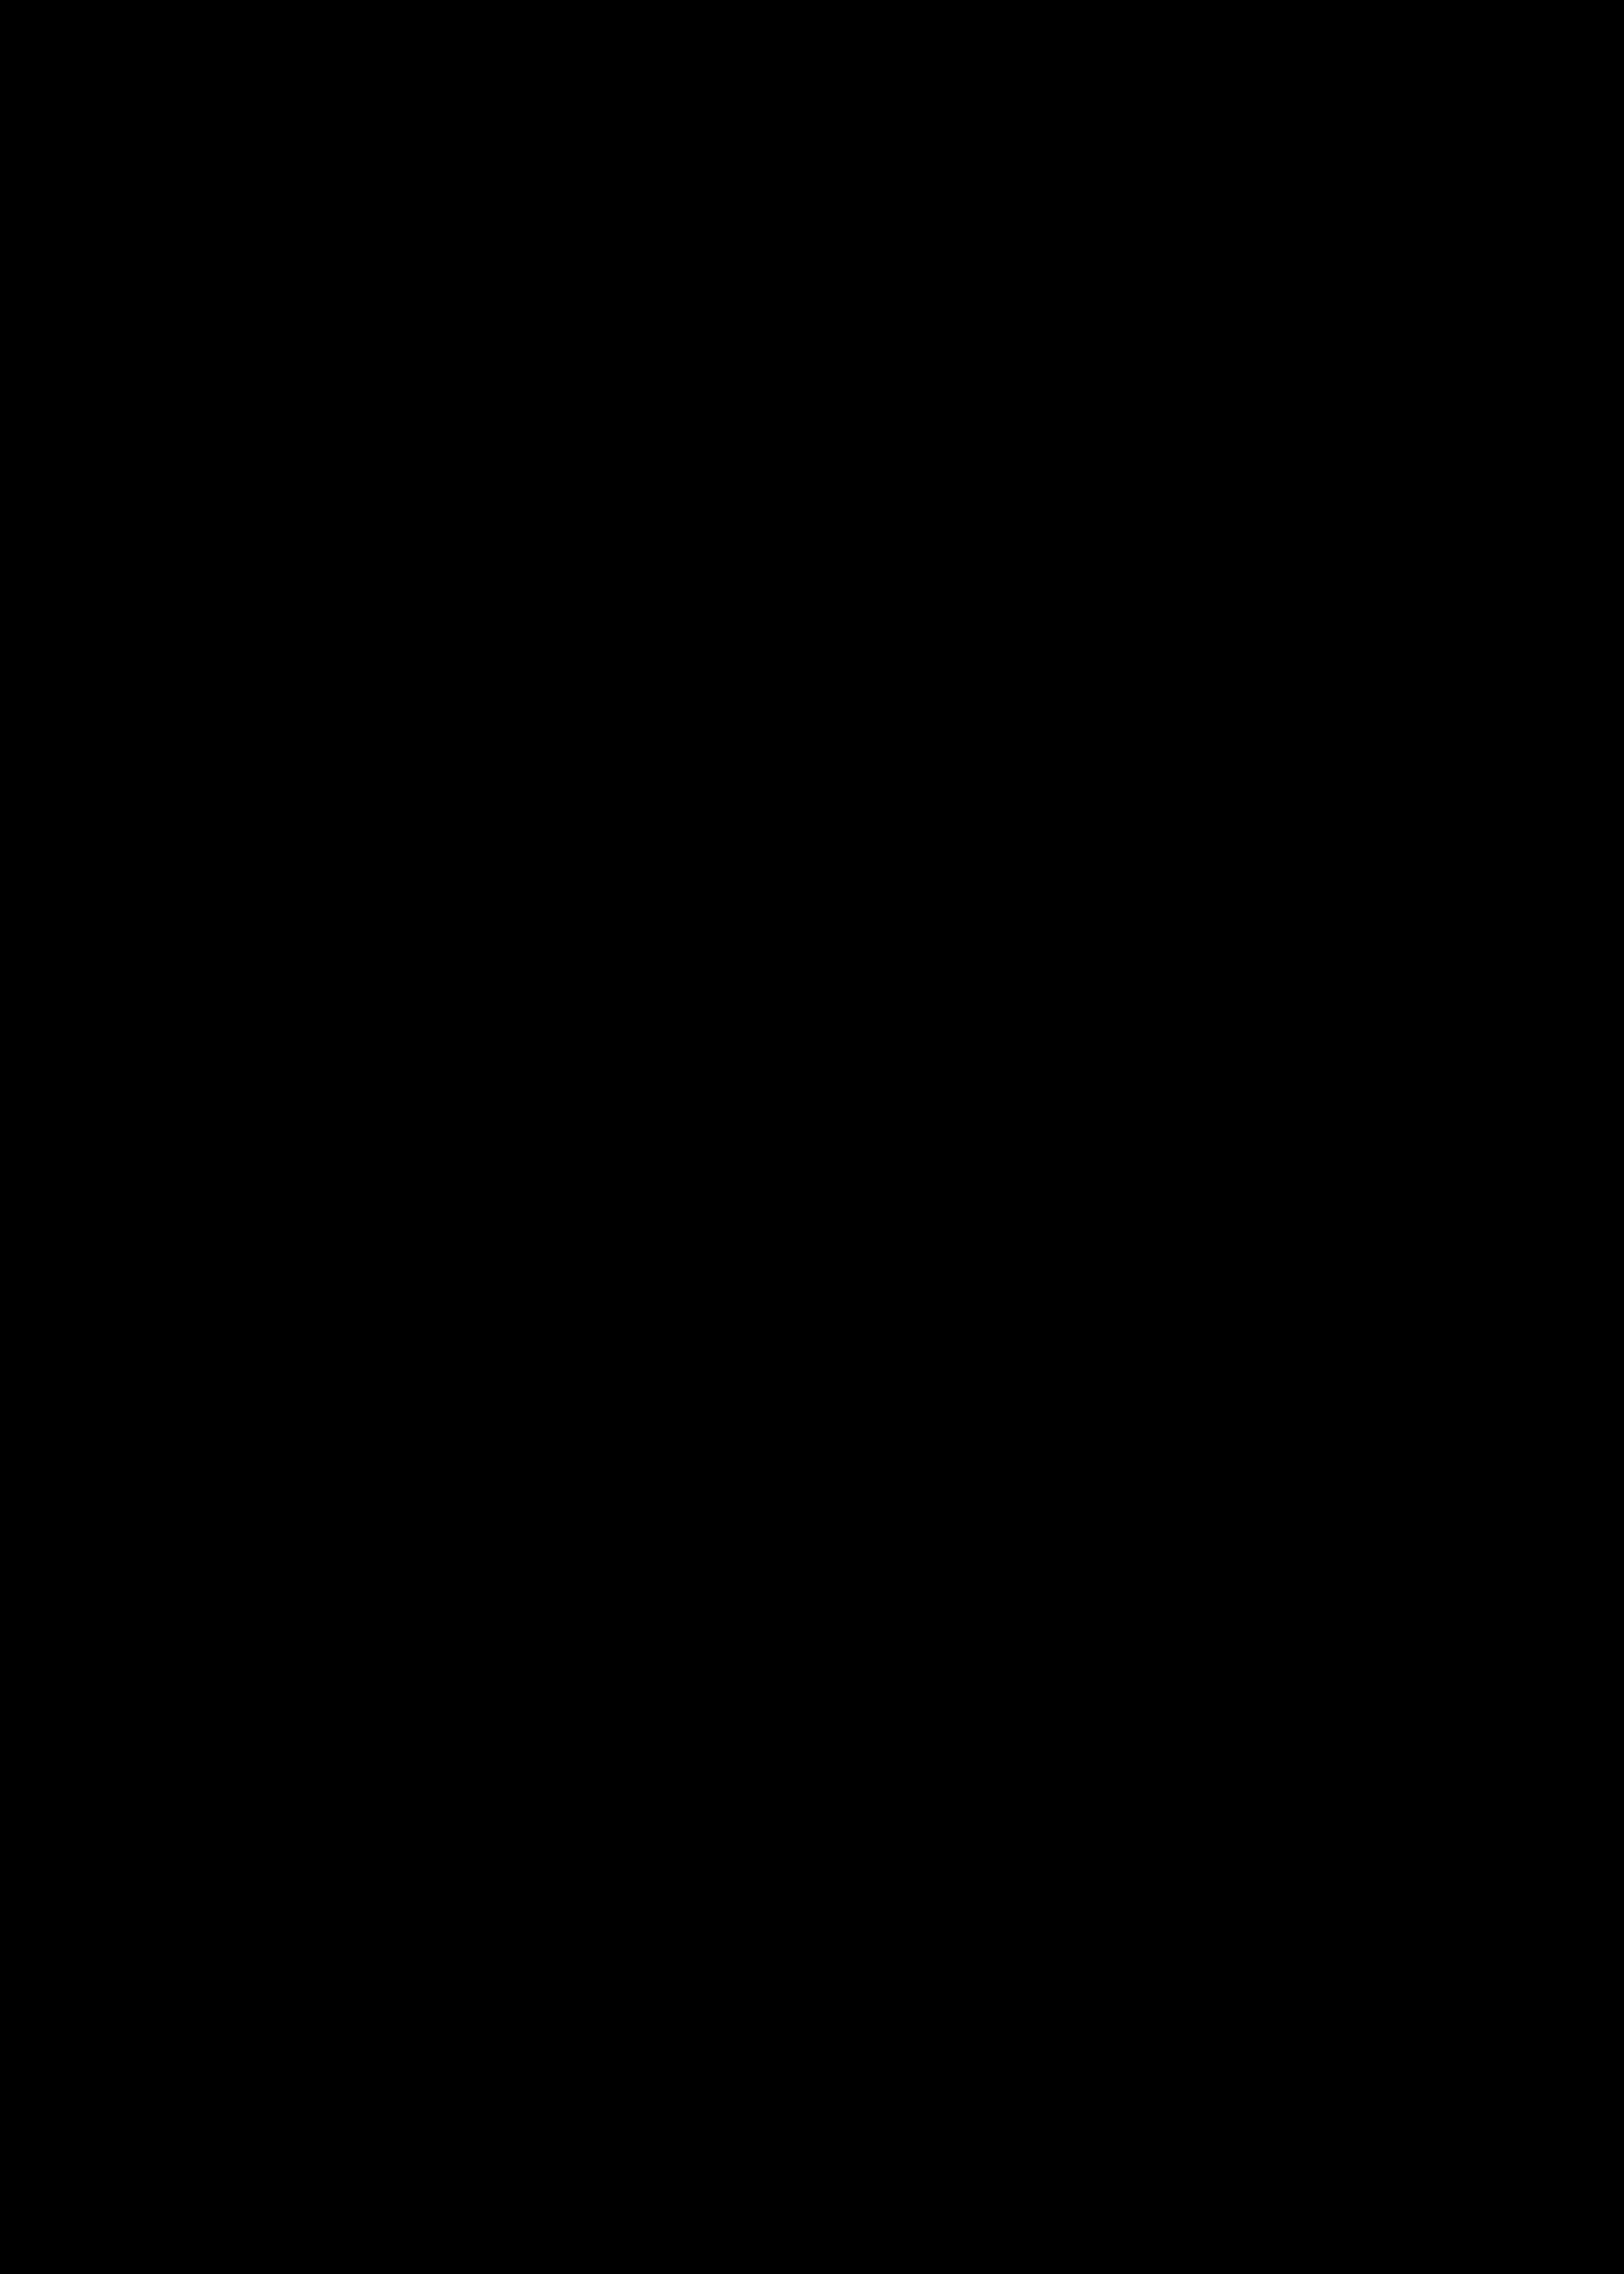 Fotoplastikon-Nowe-kadry v4v2